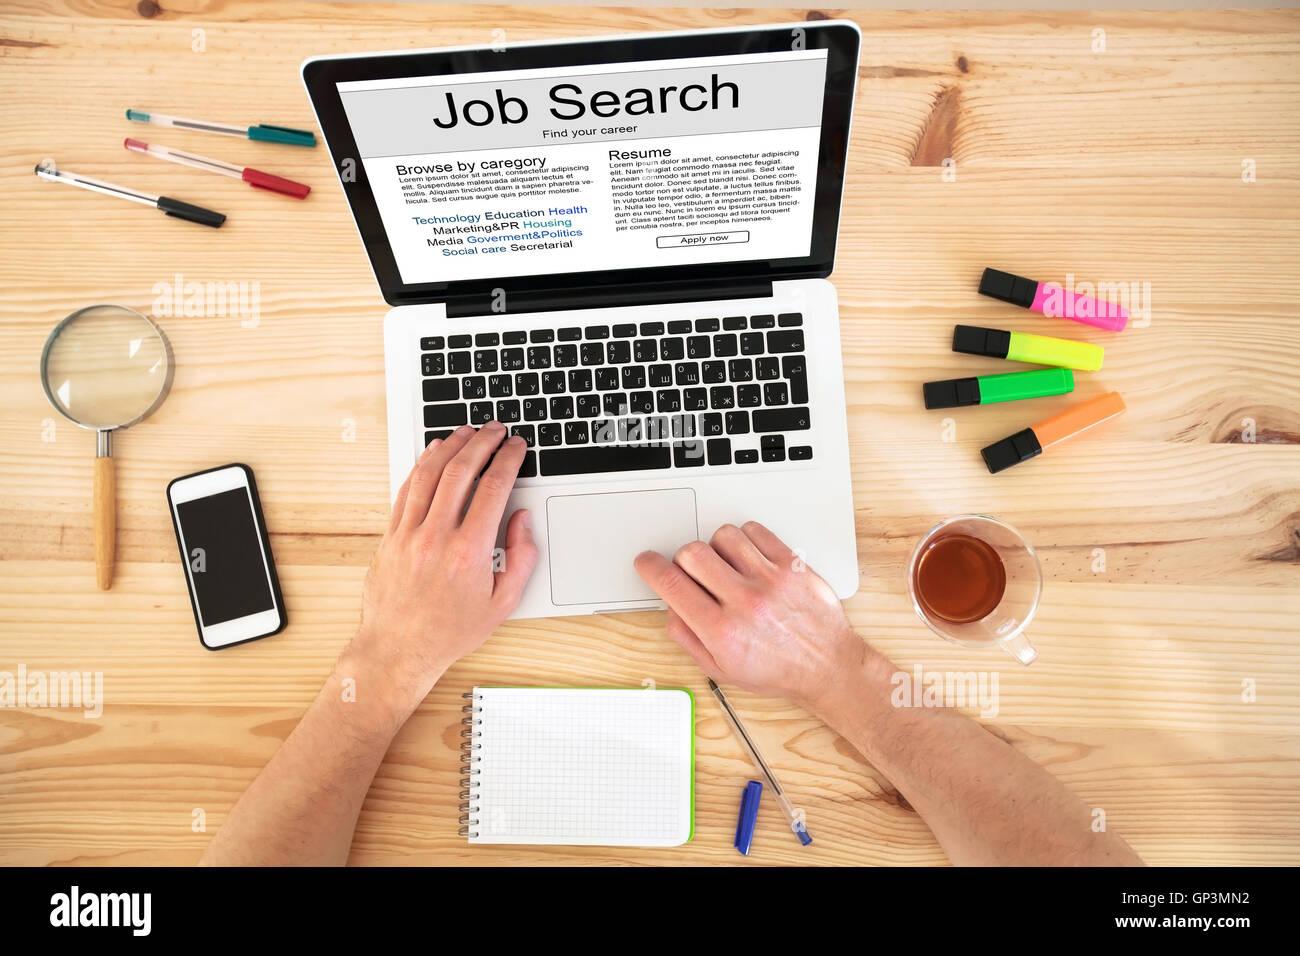 Lavoro di ricerca su internet e trovare la carriera Immagini Stock